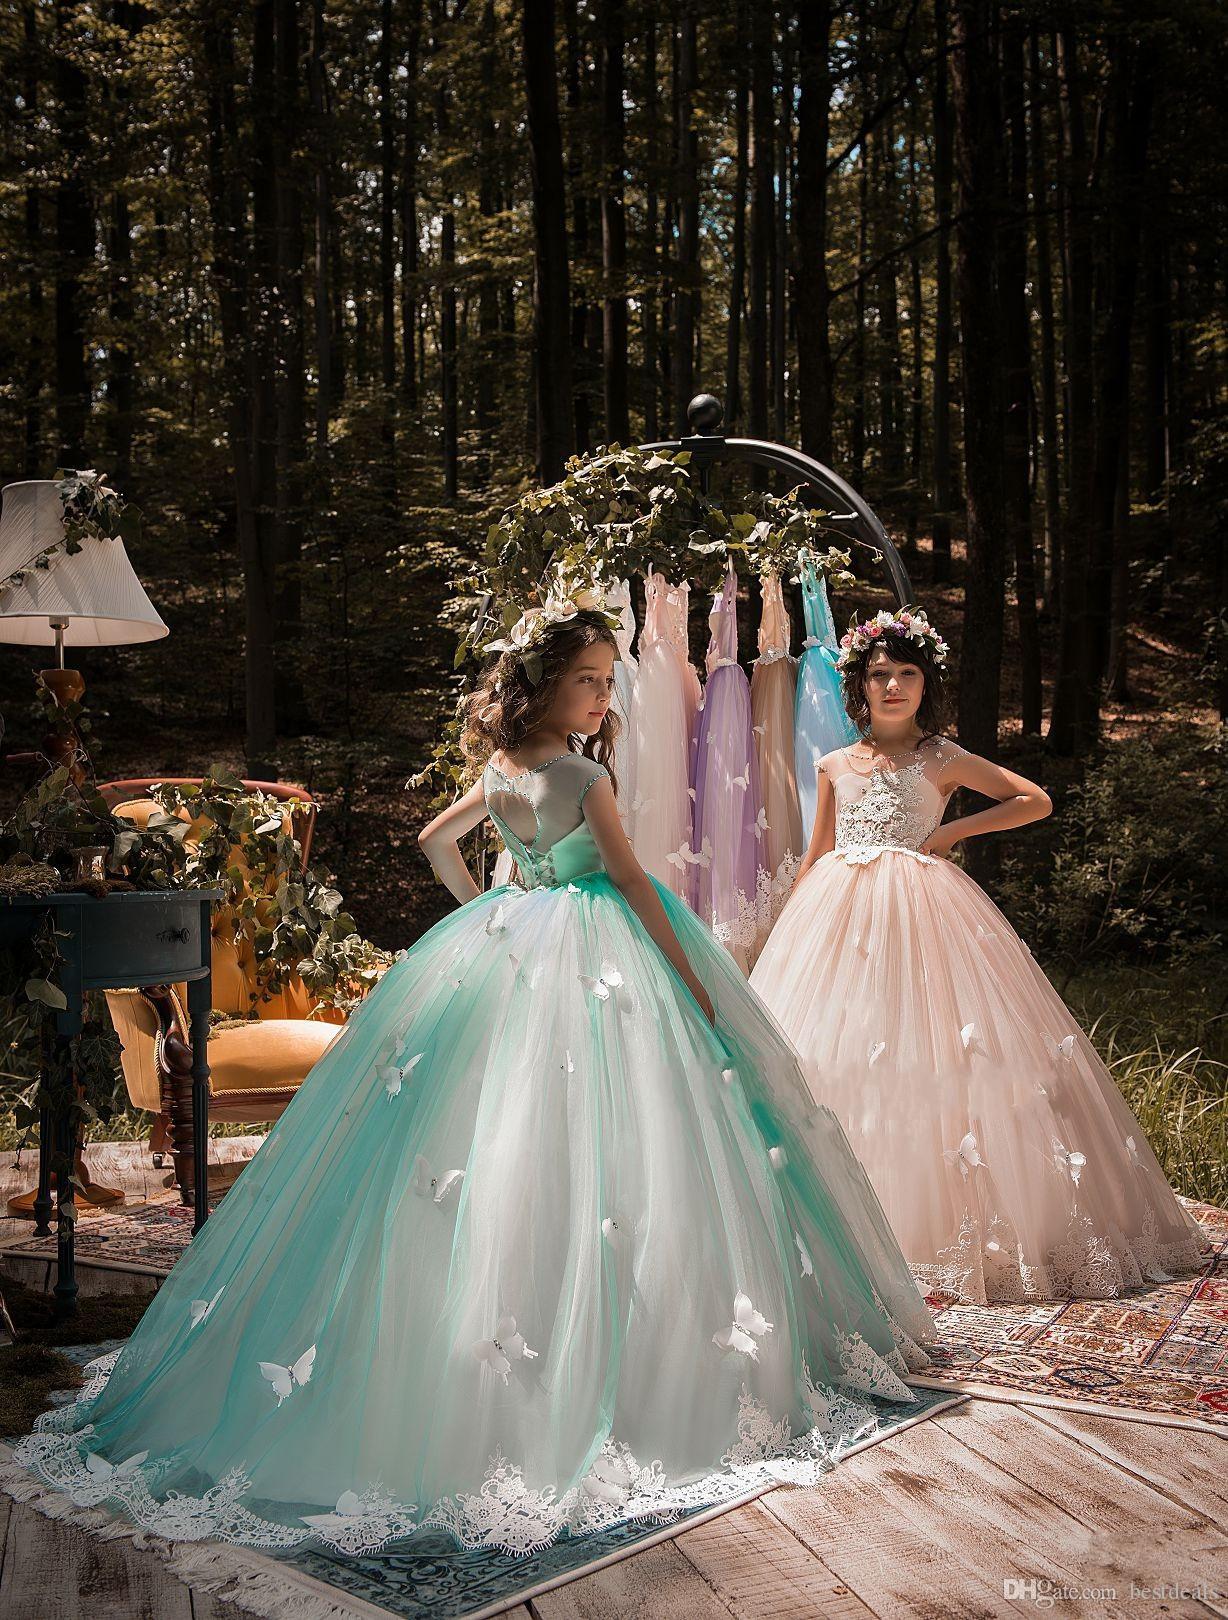 2018 New Design Mint Green Mädchen Festzug Kleider Ballkleid Spitze Applizierte Schmetterlinge Kinder Abend Prom Party Kleider